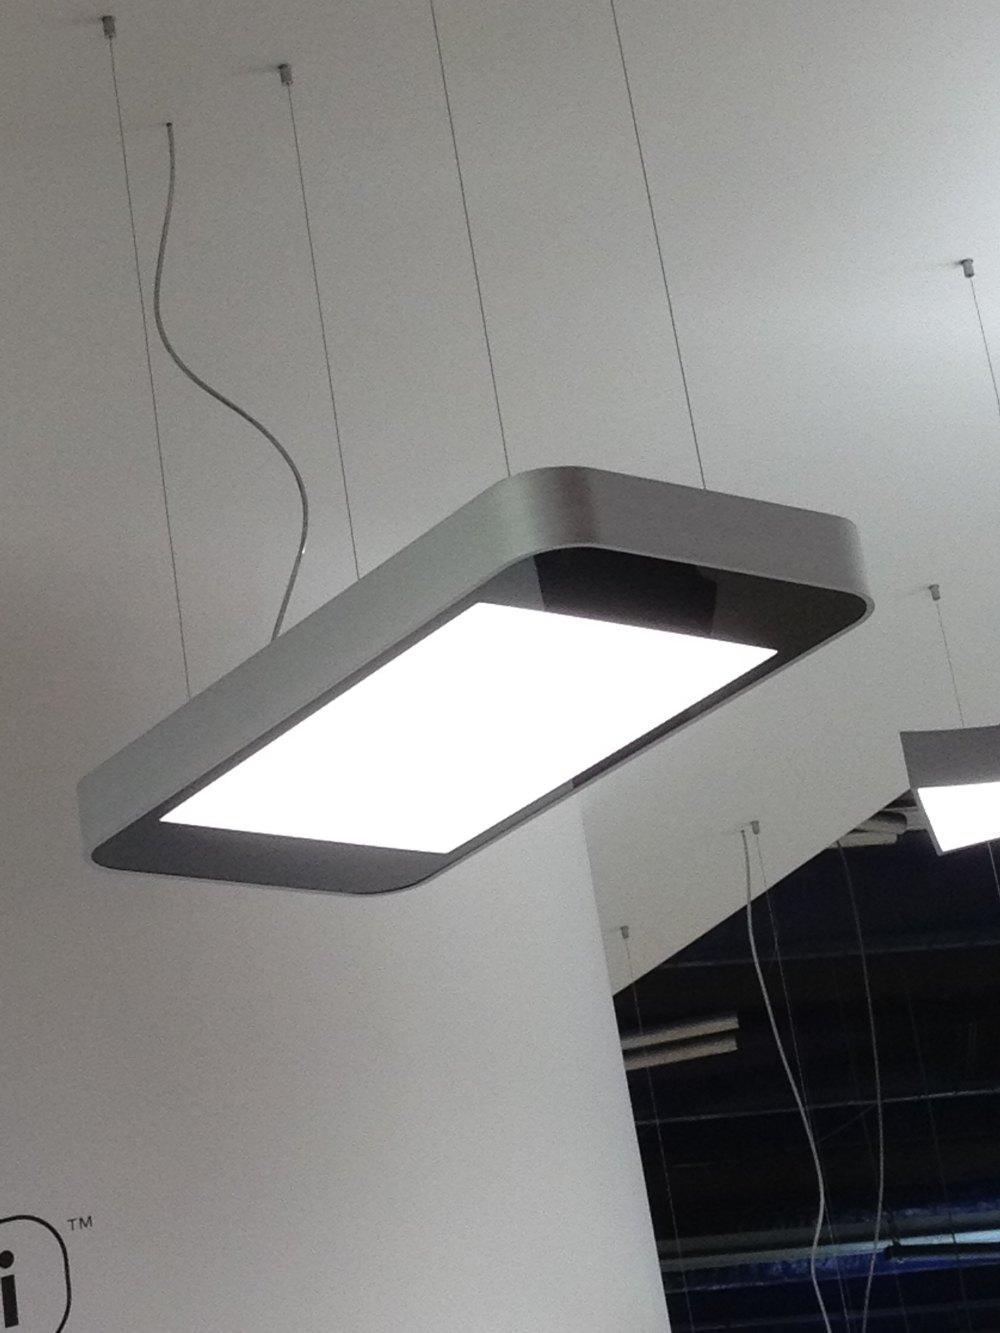 法兰克福照明展苹果手机吊灯.JPG